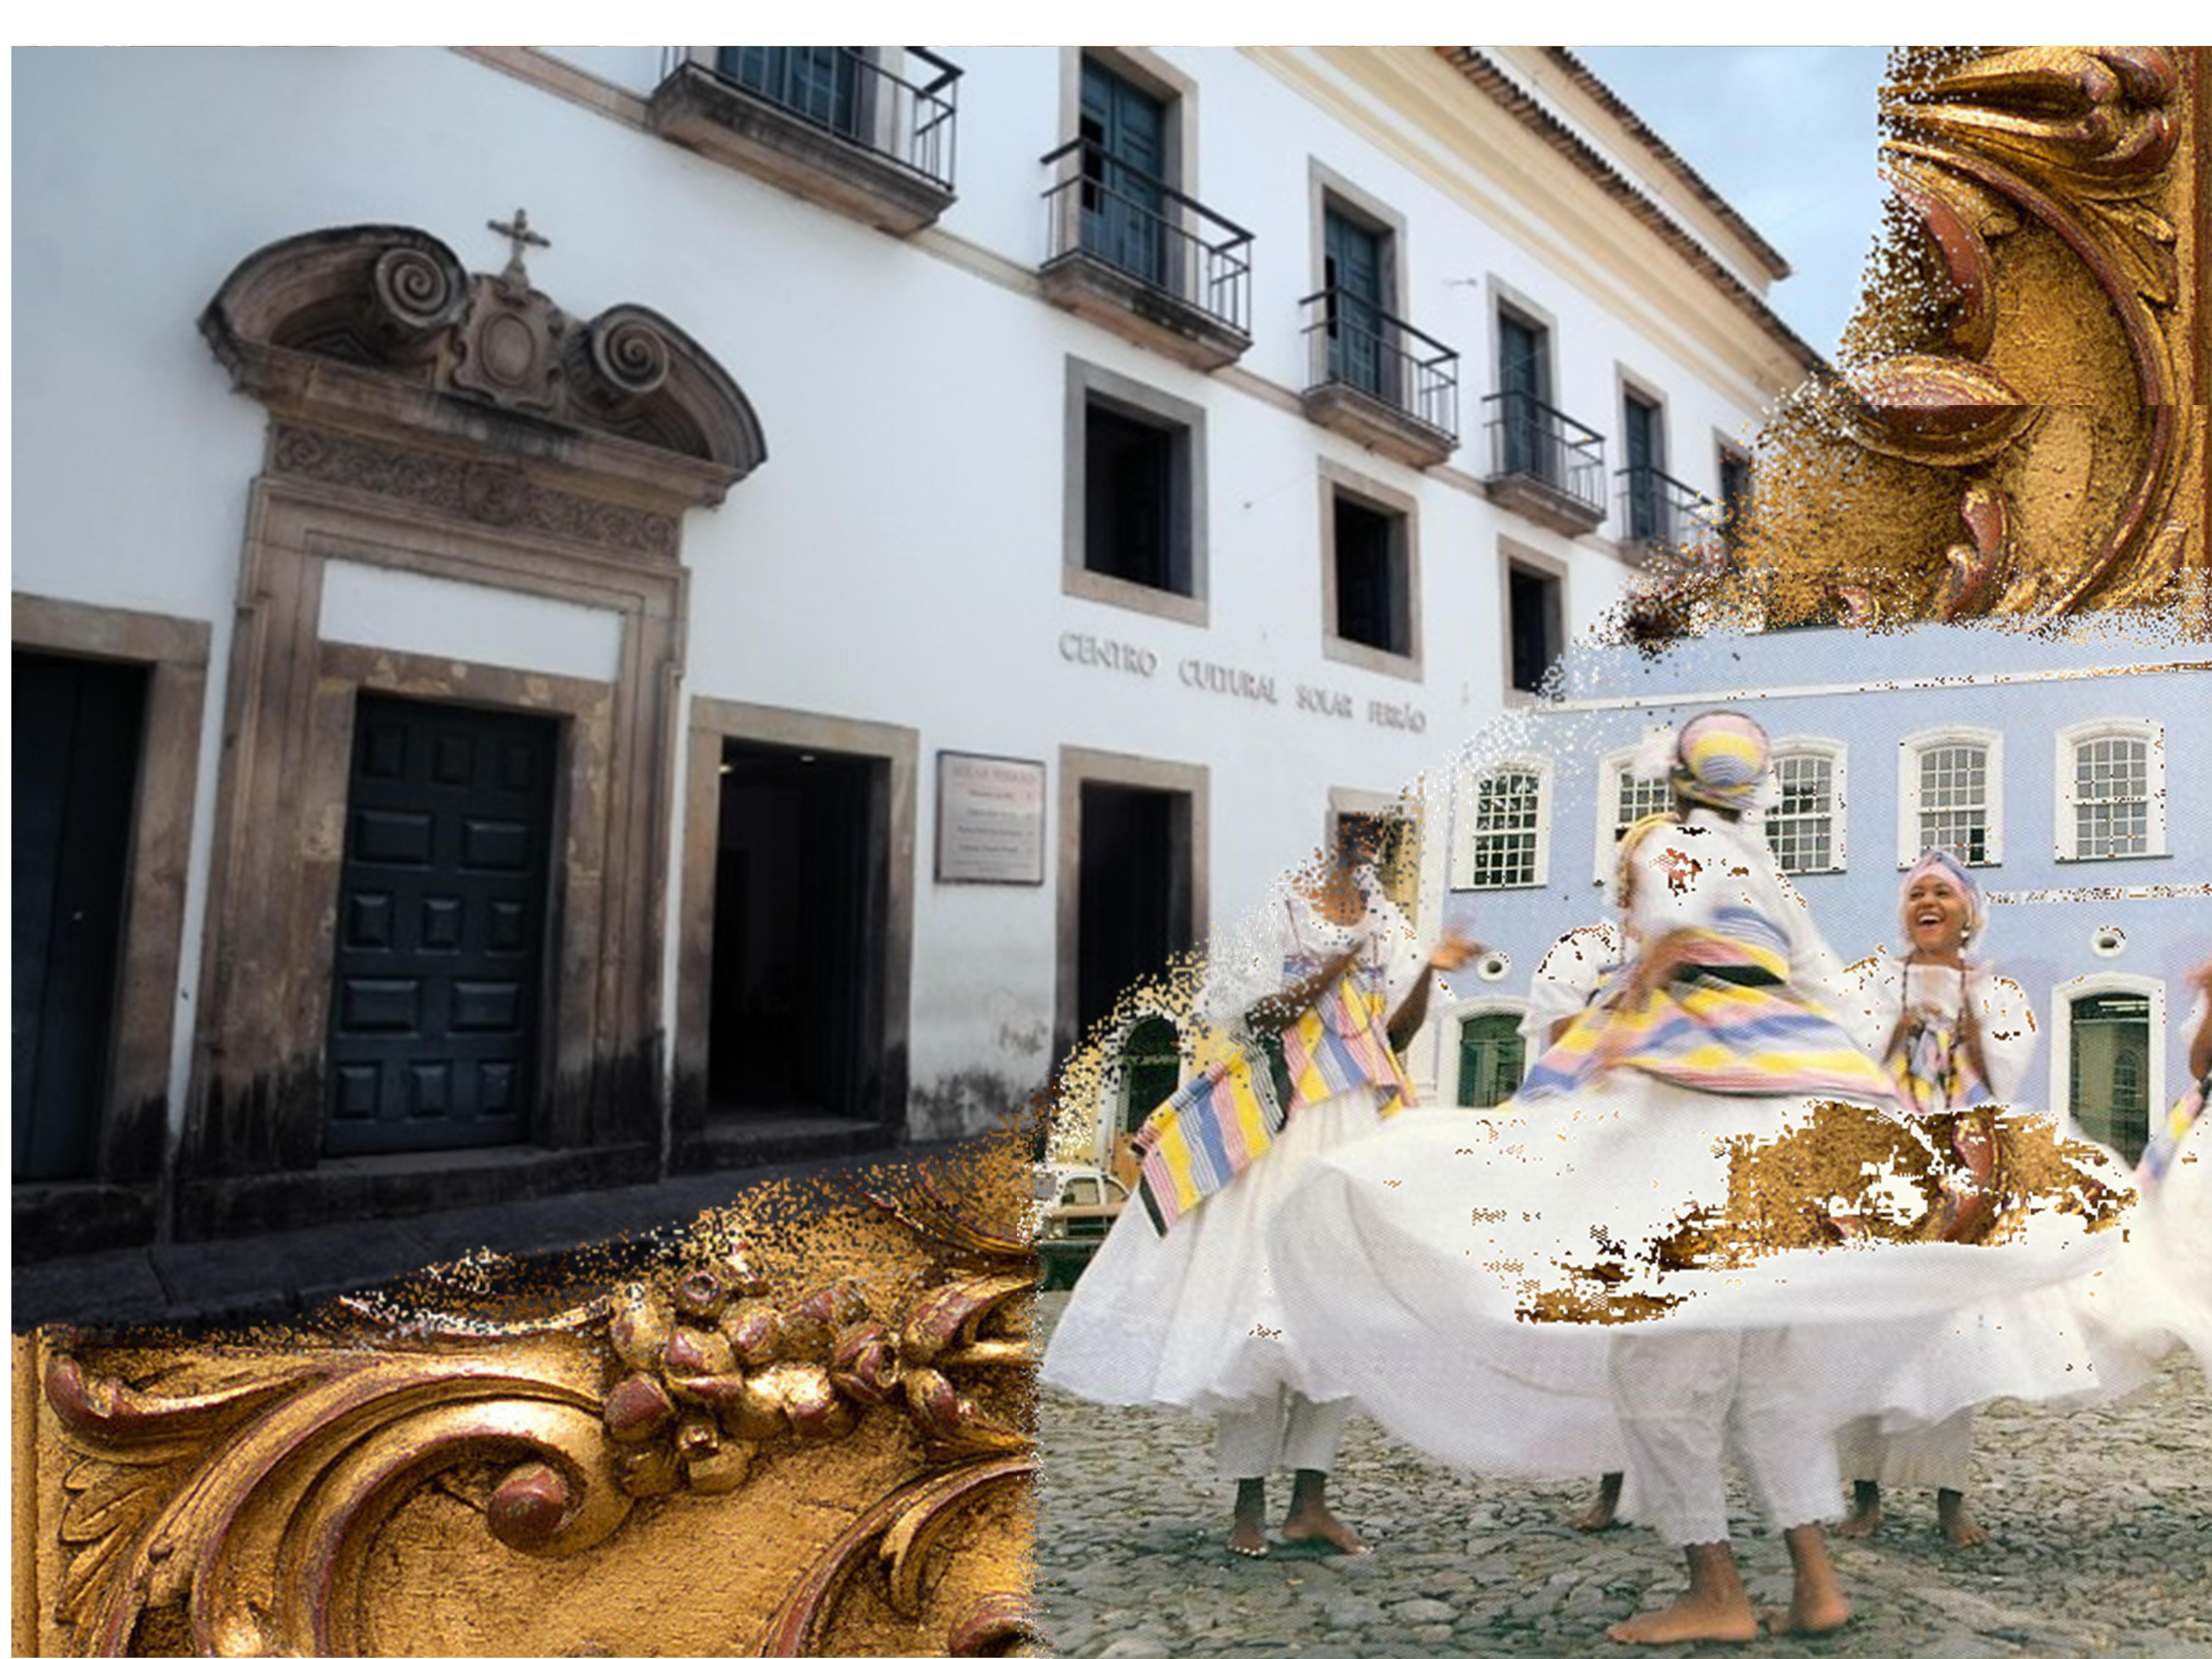 Conversando com... Patrimônio Cultural tangível e intangível